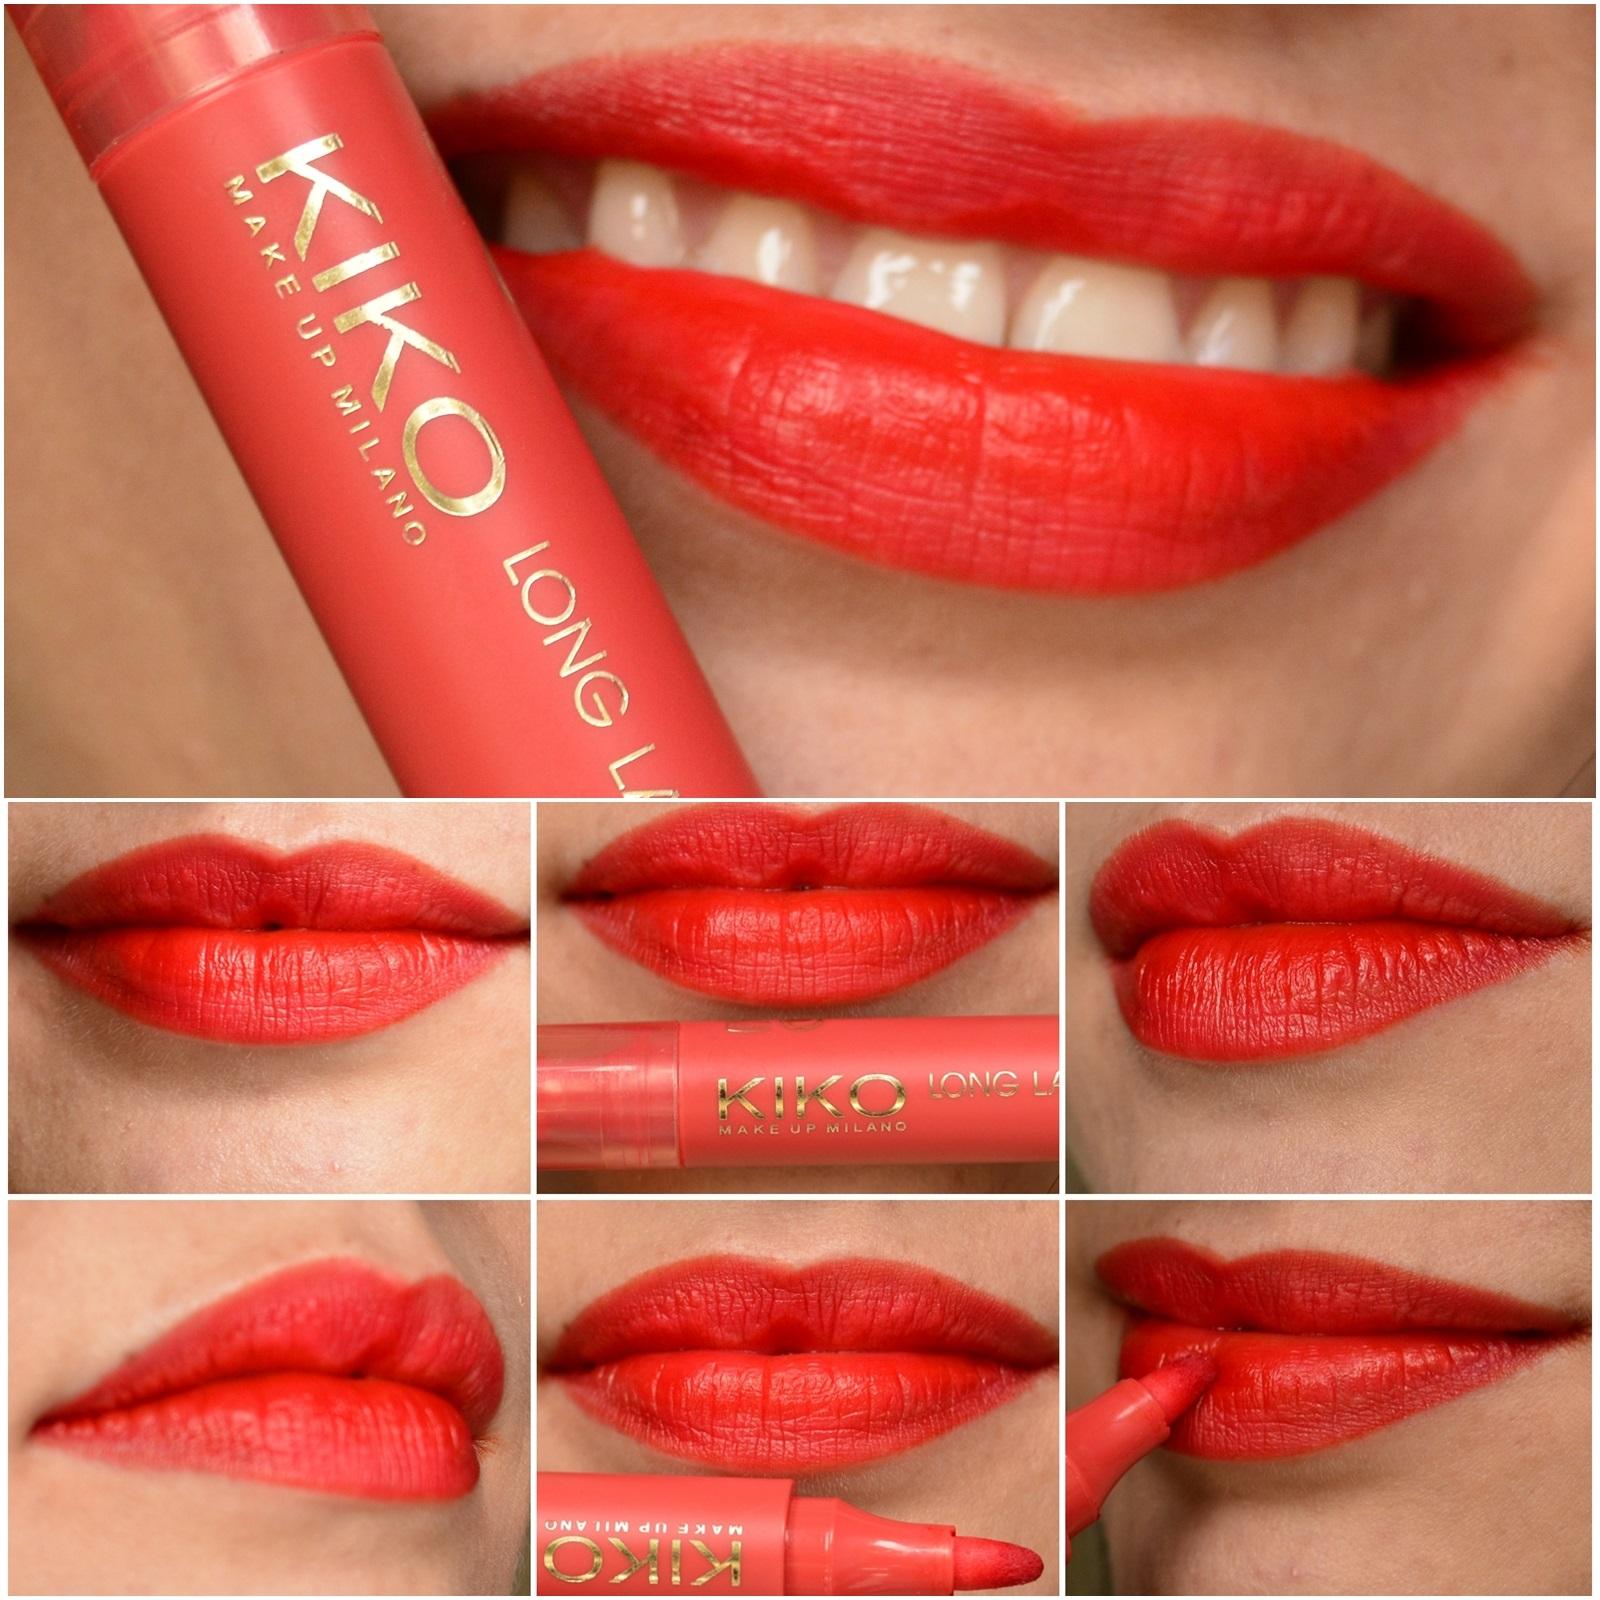 resenha-long-lasting-colour-lip-marker-kiko-cosmetics-102-rosso-geranio-8